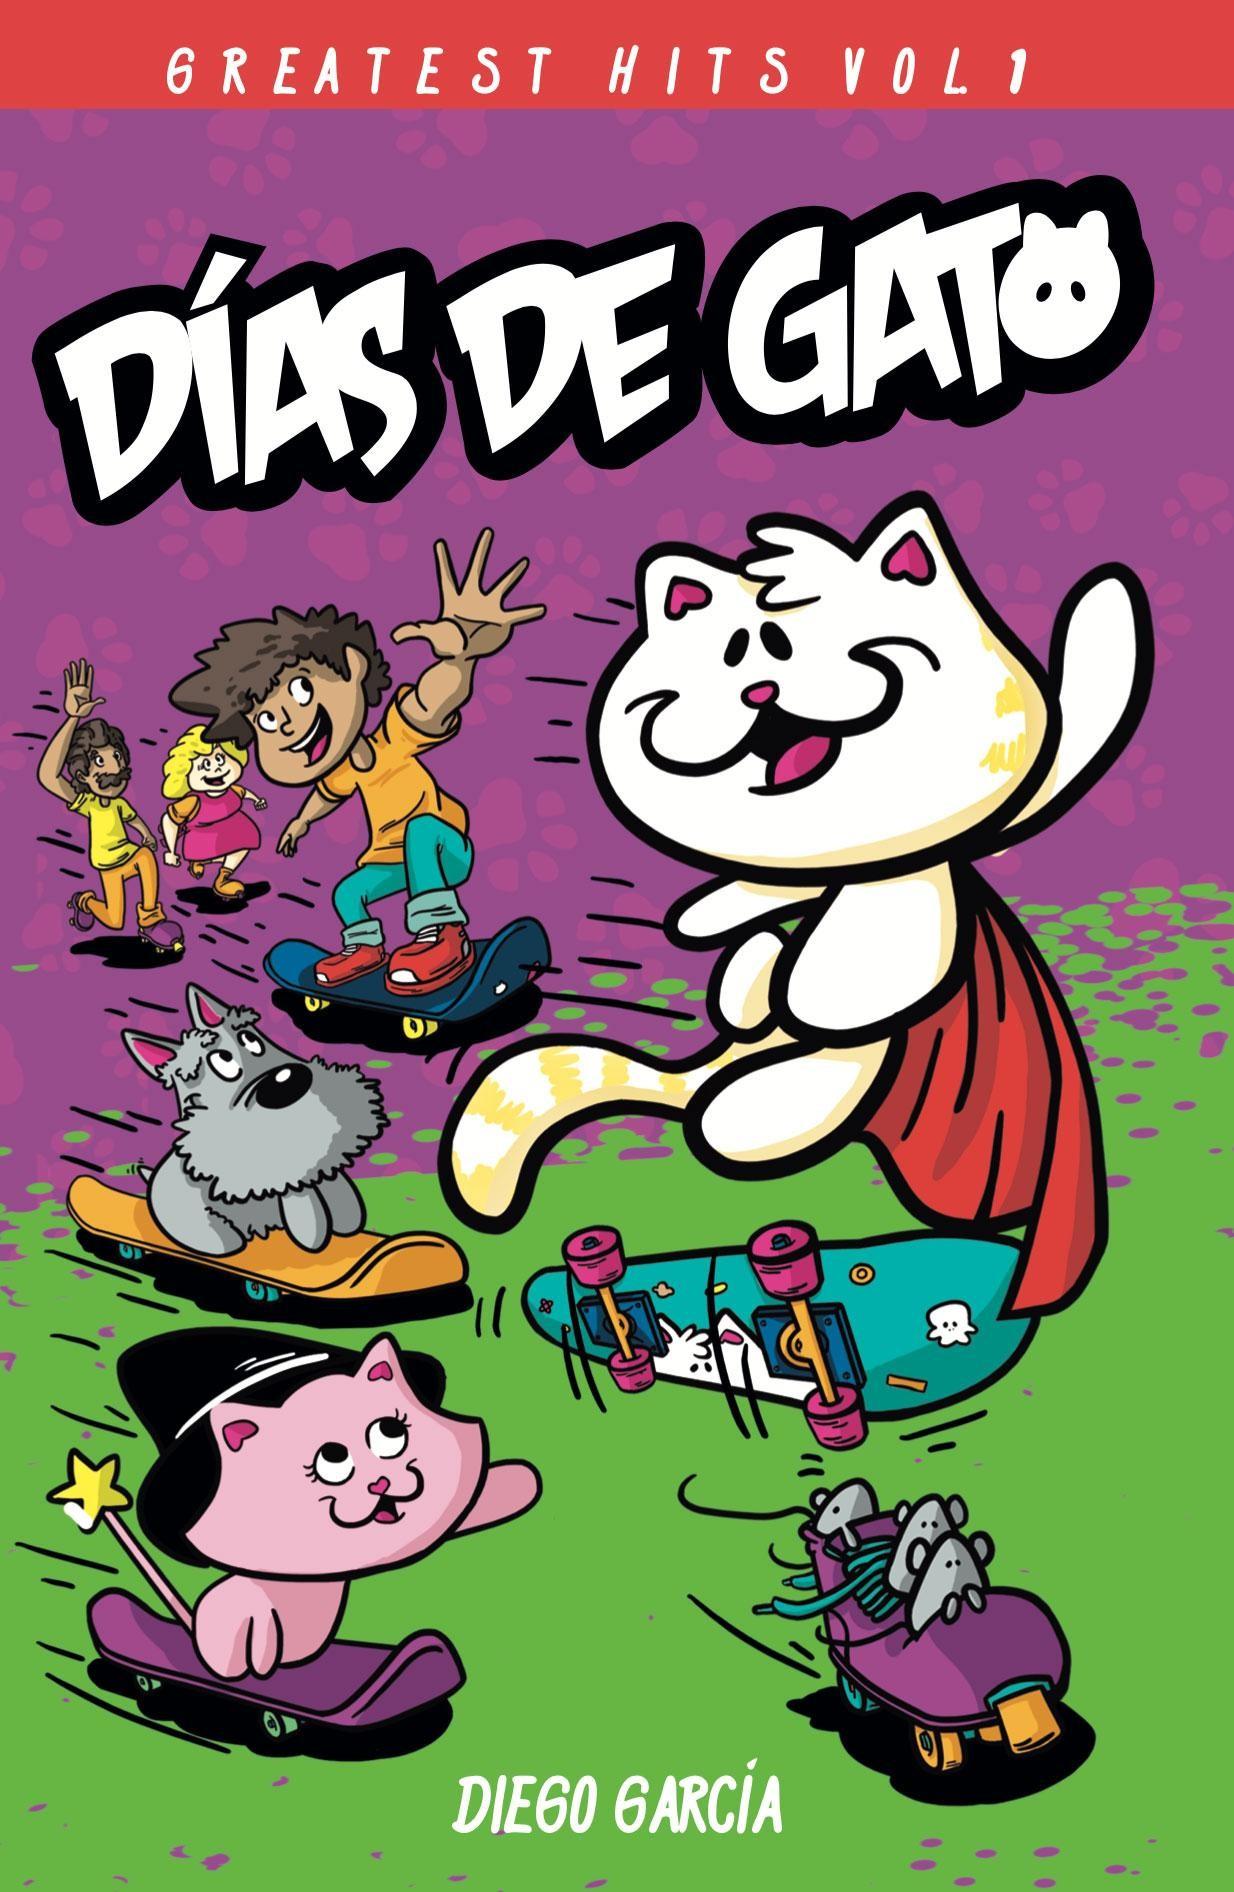 Días de Gato